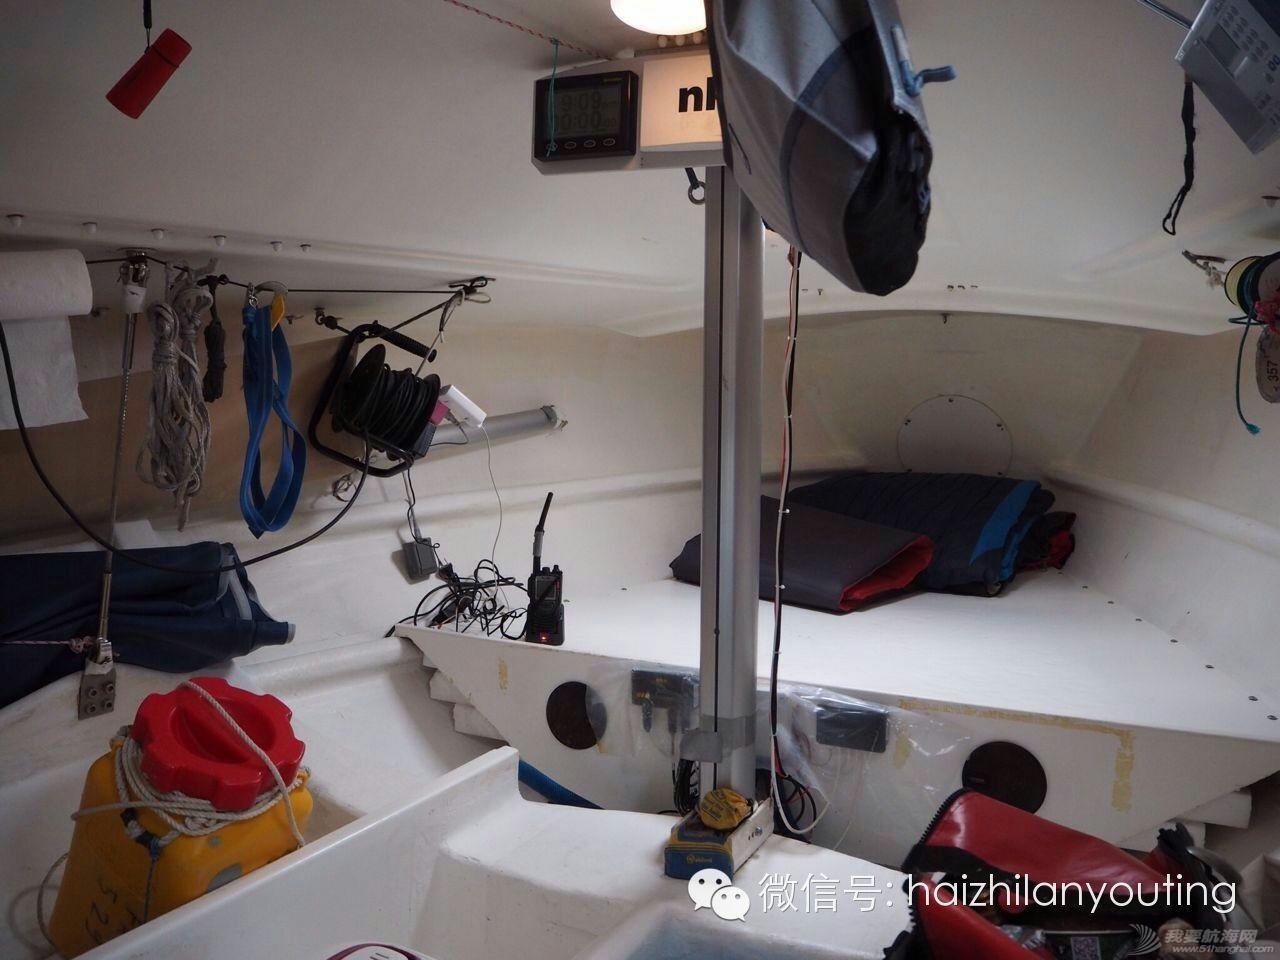 """通讯设备,国际帆联,航海技术,大西洋,培训机构,通讯设备,国际帆联,航海技术,大西洋,培训机构 徐京坤的新梦想----参加2015年""""MINI TRANSAT 650级别单人横渡大西洋帆船赛"""". 5f21017e812c552659e1bdcb583bd595.jpg"""